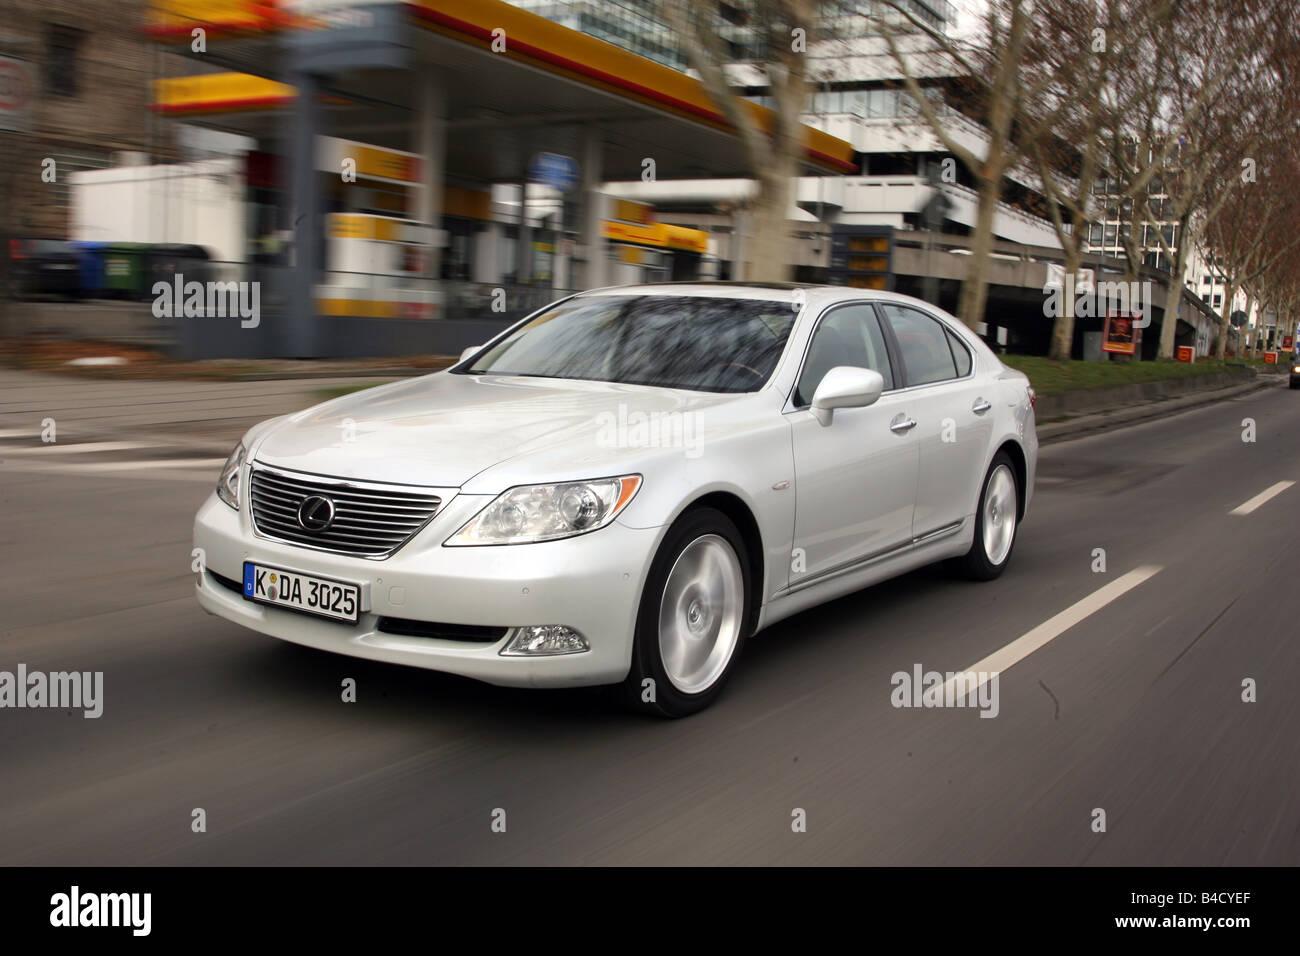 Lexus LS 460 l'impression d'ambiance, l'année de modèle 2007-, blanc, la conduite, la diagonale Photo Stock